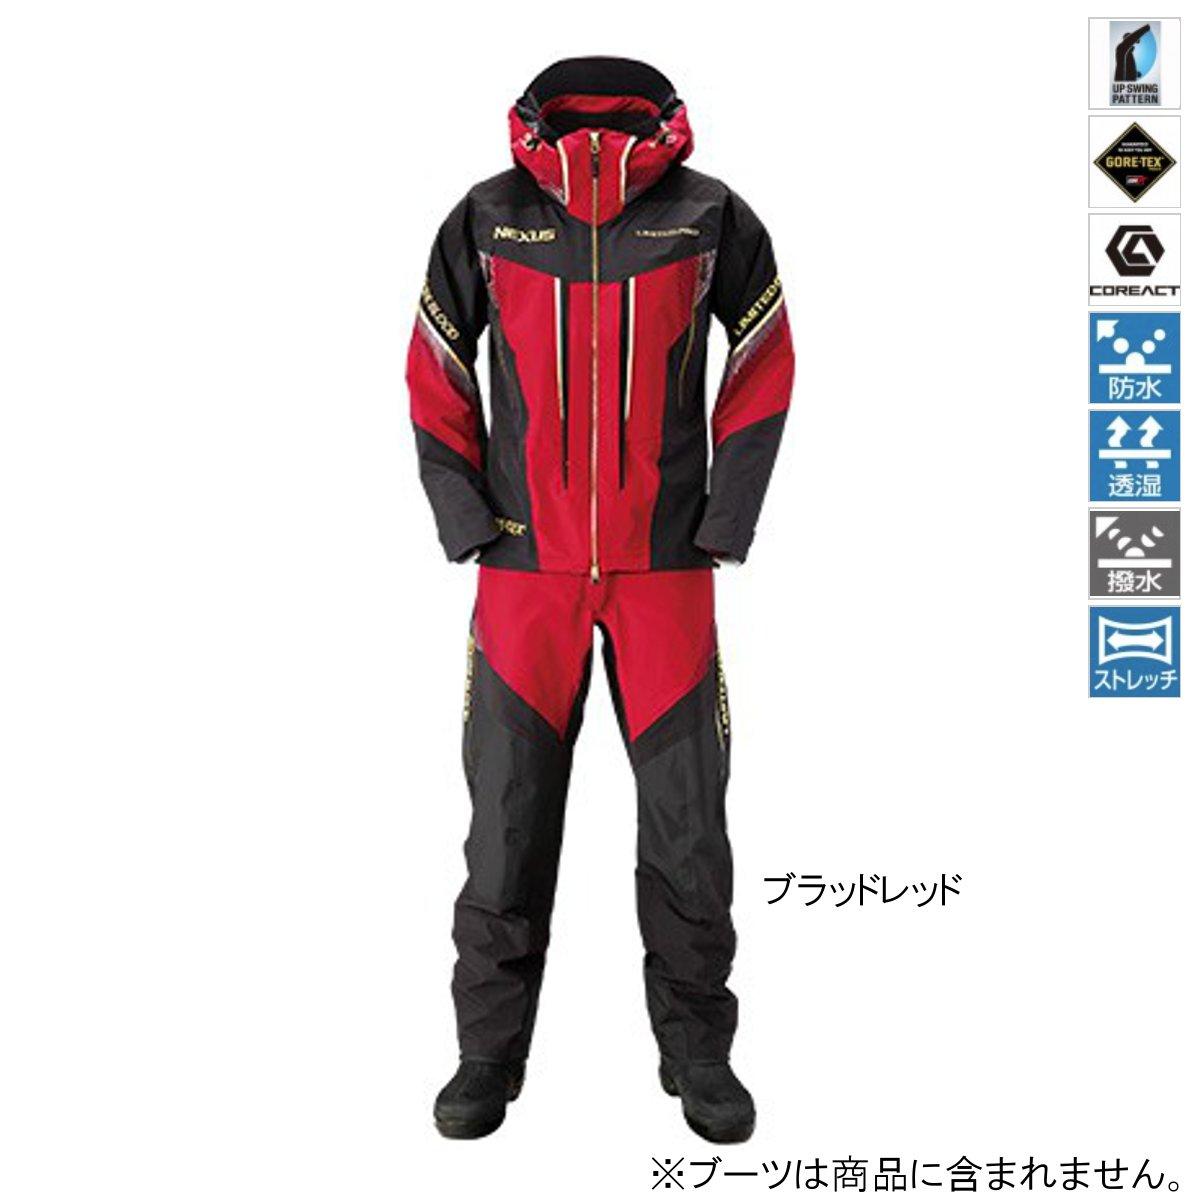 シマノ NEXUS・GORE-TEX レインスーツ LIMITED PRO RA-112S L ブラッドレッド【送料無料】